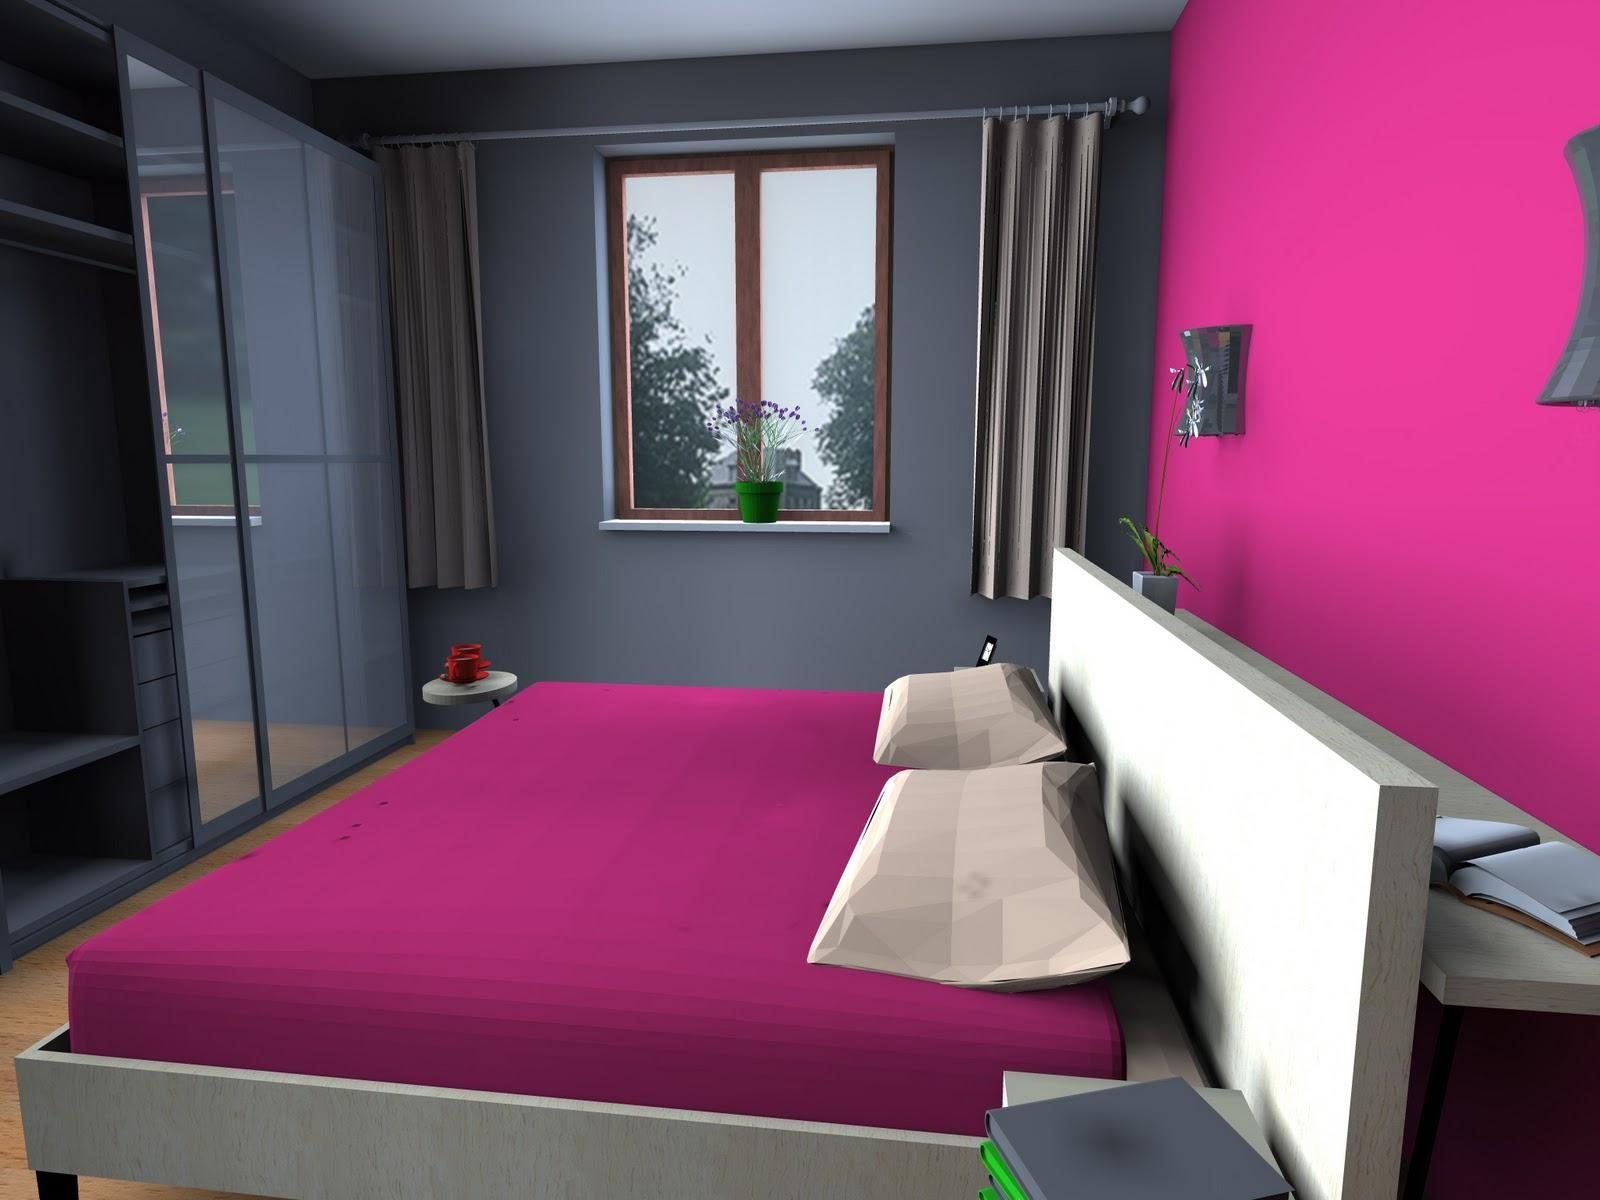 Pin On Ooooo Comfy Bedroom